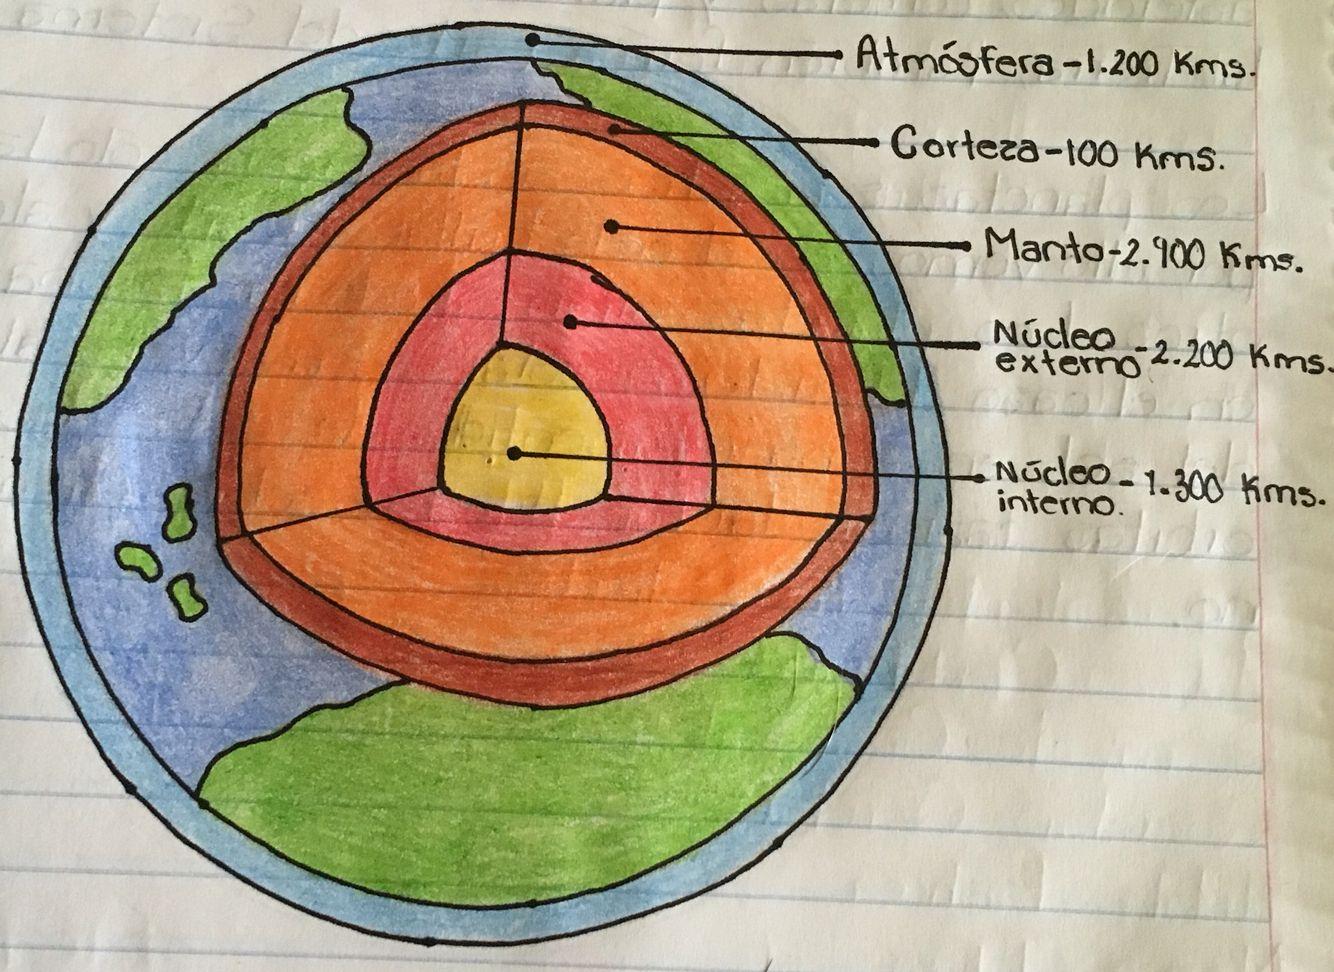 Capas De La Tierra Capas De La Tierra La Tierra Dibujo Maqueta De La Tierra